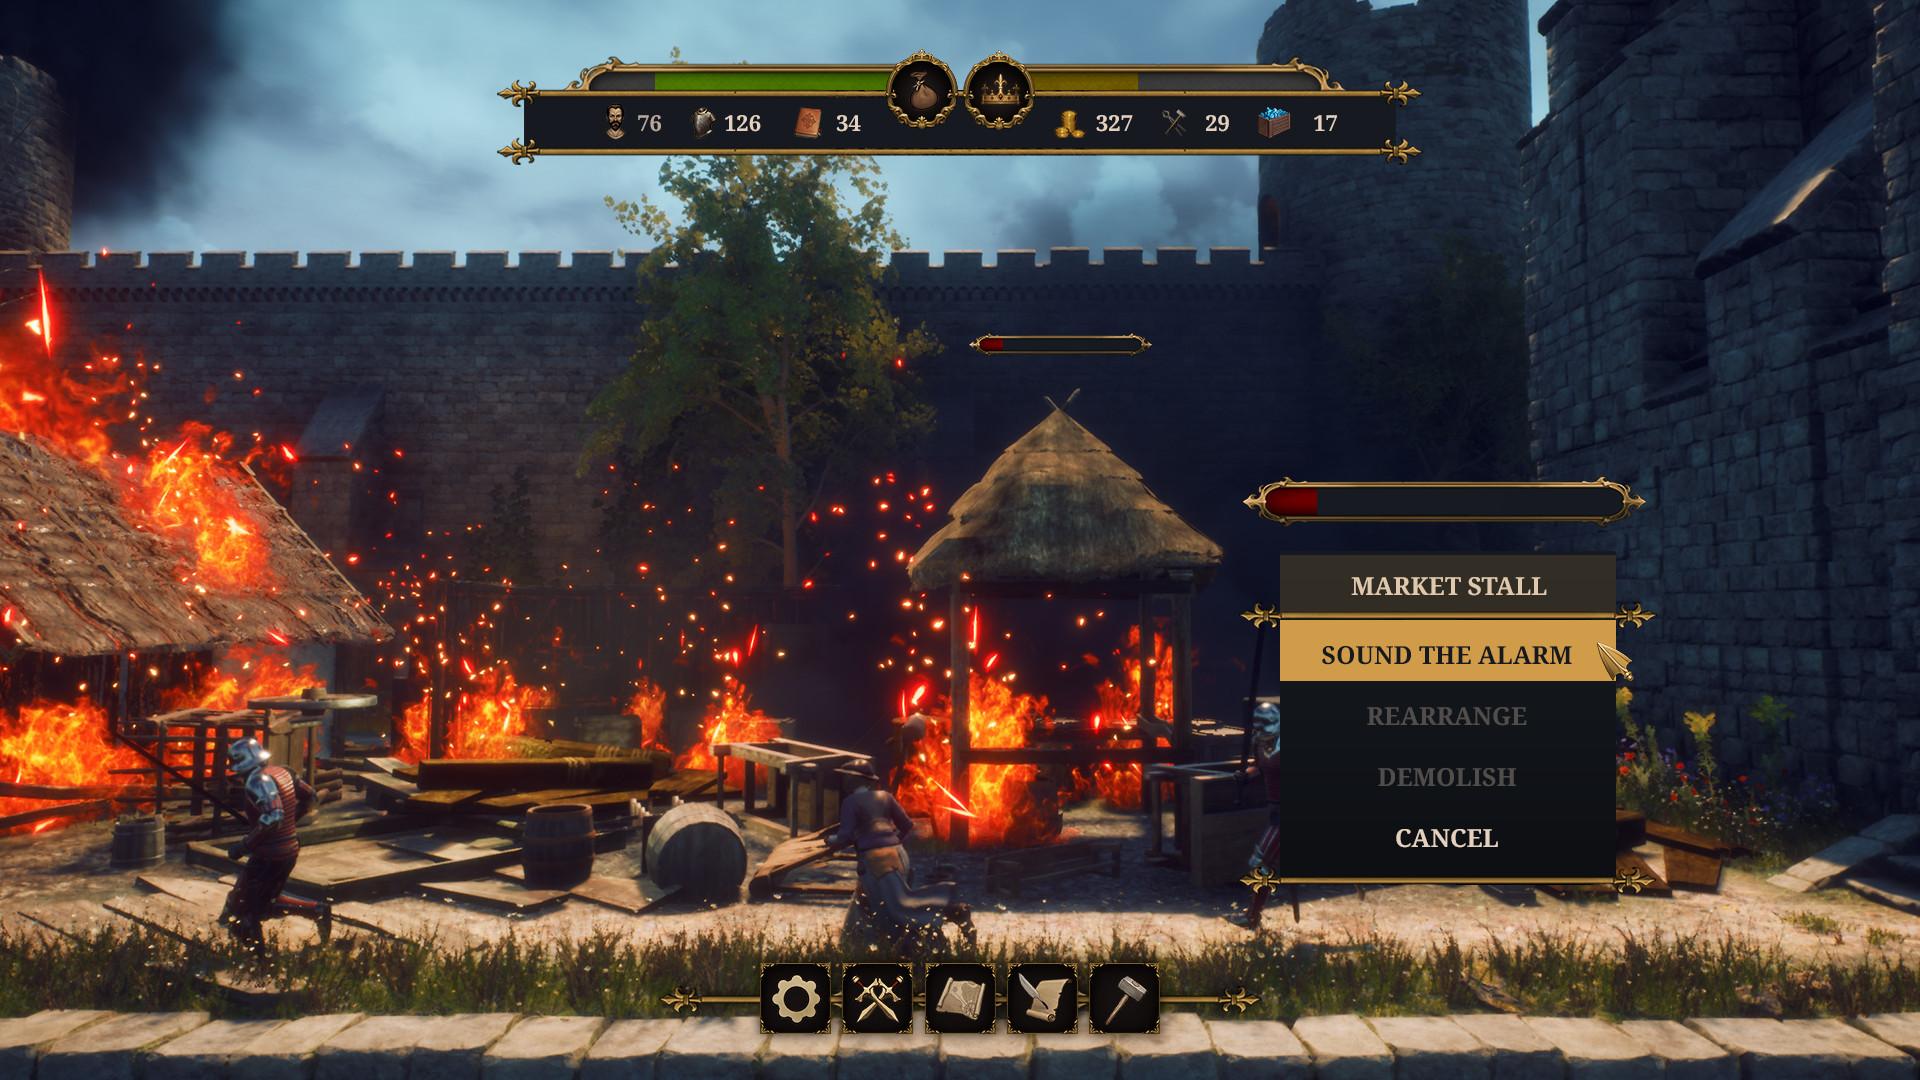 模拟经营游戏《城堡经理》上架Steam 支持简体中文